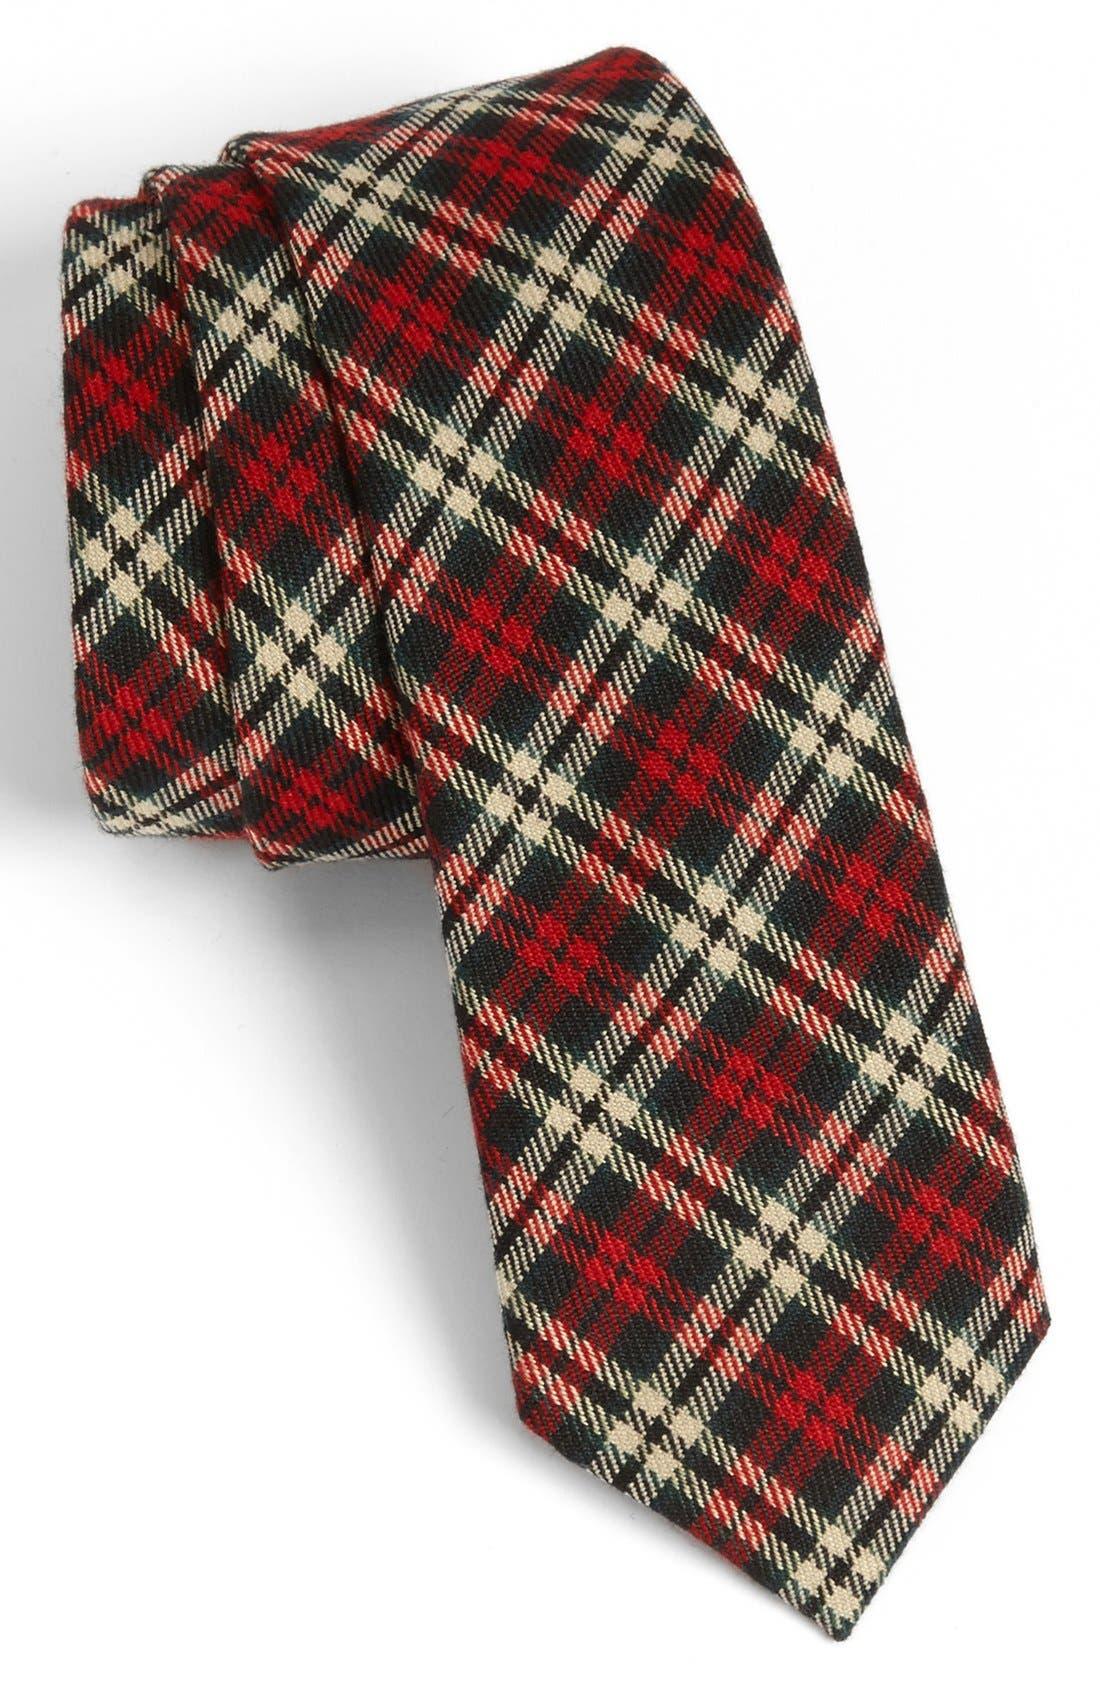 Alternate Image 1 Selected - Topman Plaid Tie